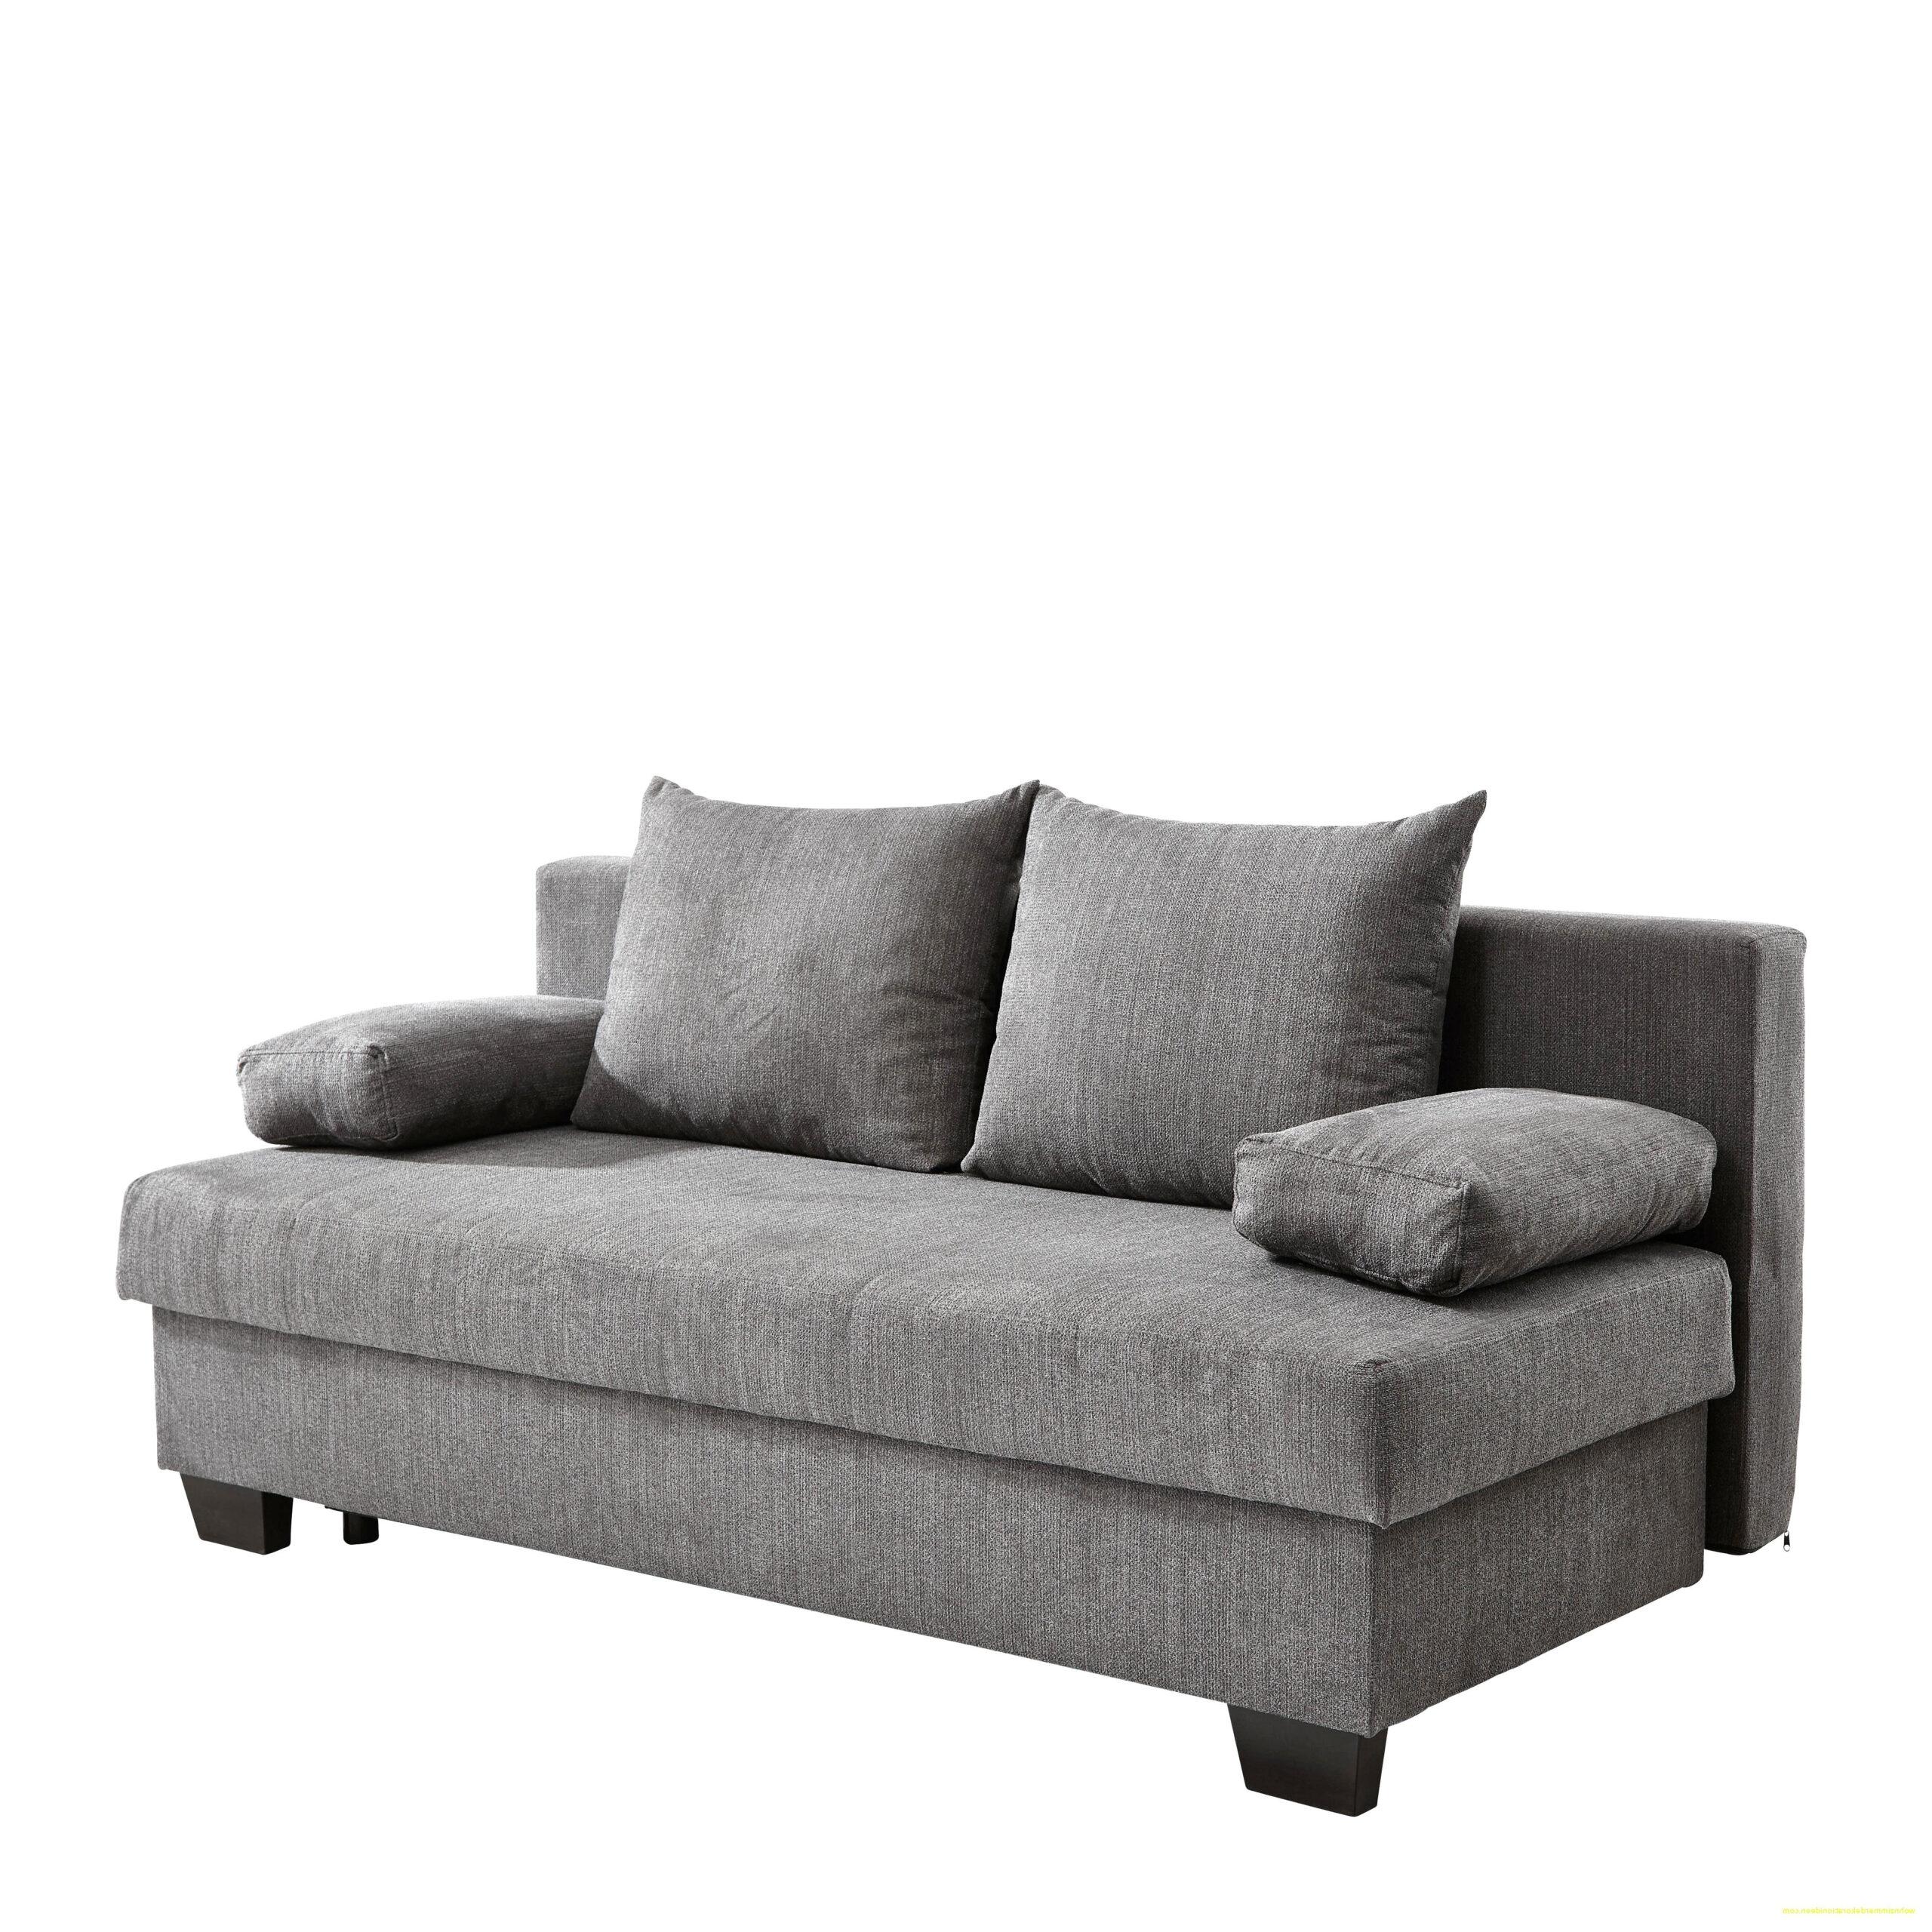 Full Size of Sofa Mit Boxen Und Led Lautsprecher Licht Big Poco Couch Musikboxen Integrierten Bluetooth Brühl Englisch Türkische Modernes Reinigen Schlaffunktion Lila Sofa Sofa Mit Boxen